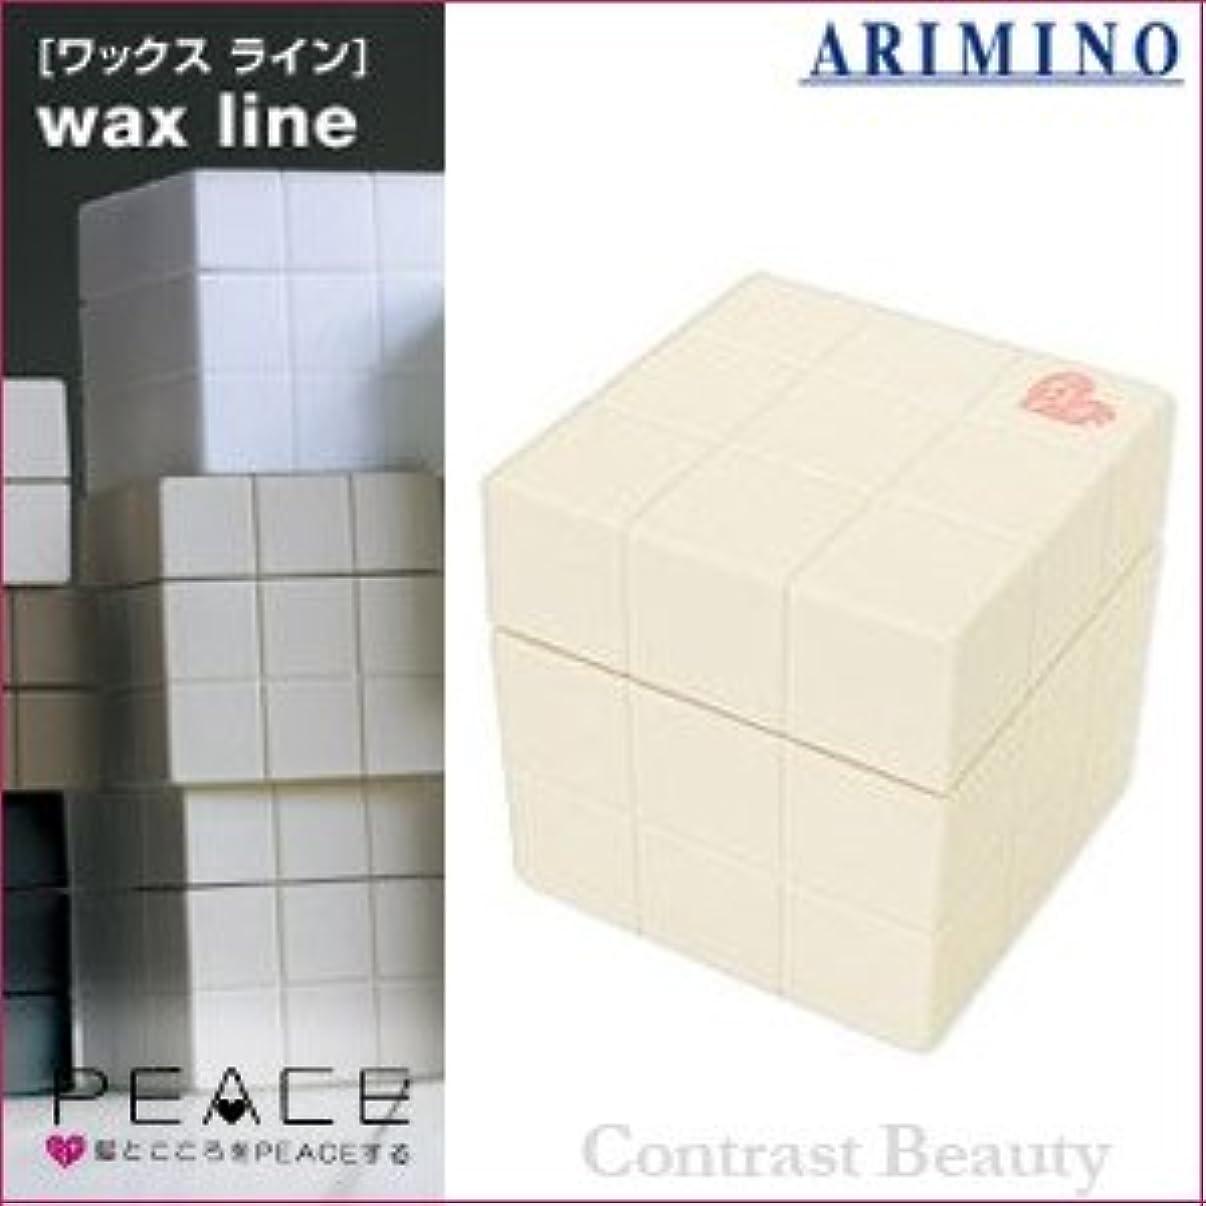 甘味疲労スチュワード【X2個セット】 アリミノ ピース プロデザインシリーズ ニュアンスワックス バニラ 80g ARIMINO